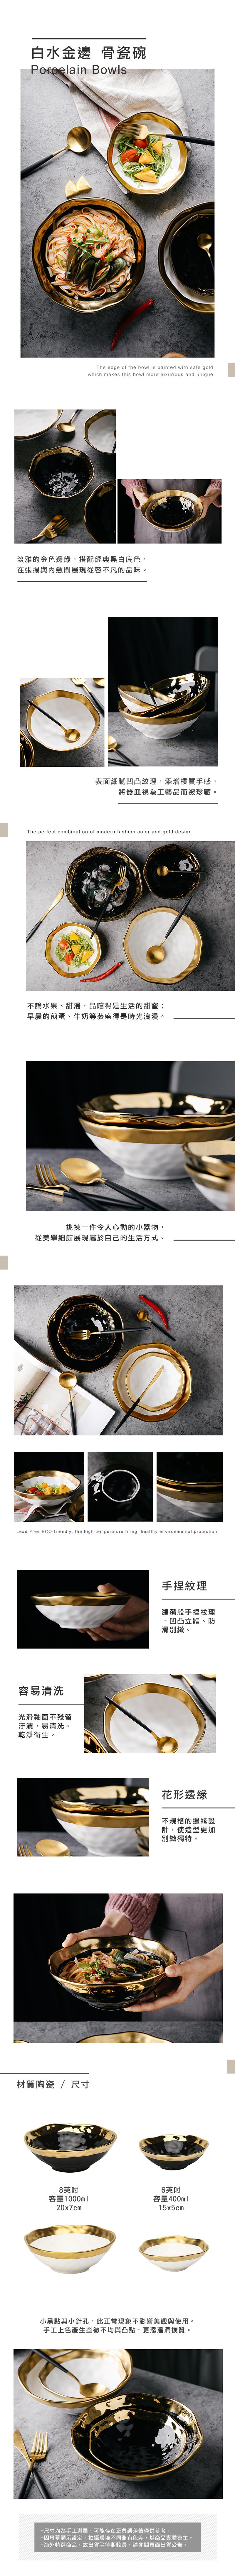 白水金邊骨瓷碗